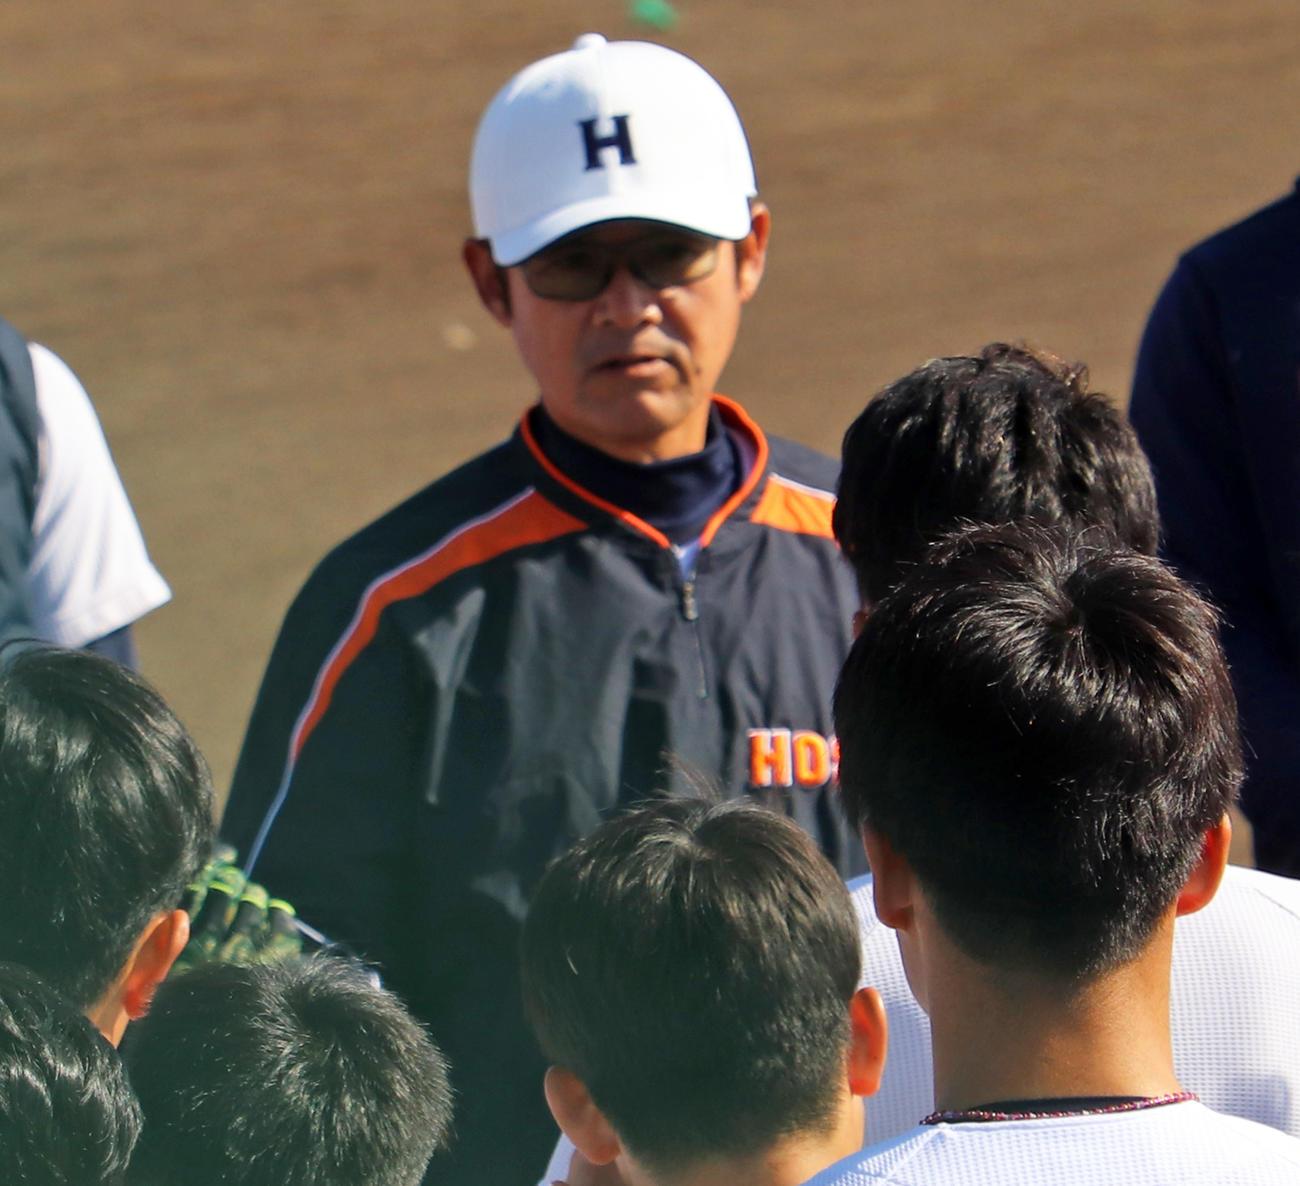 ベースランニング前に選手に注意点を伝える法大・銚子助監督(撮影・古川真弥)